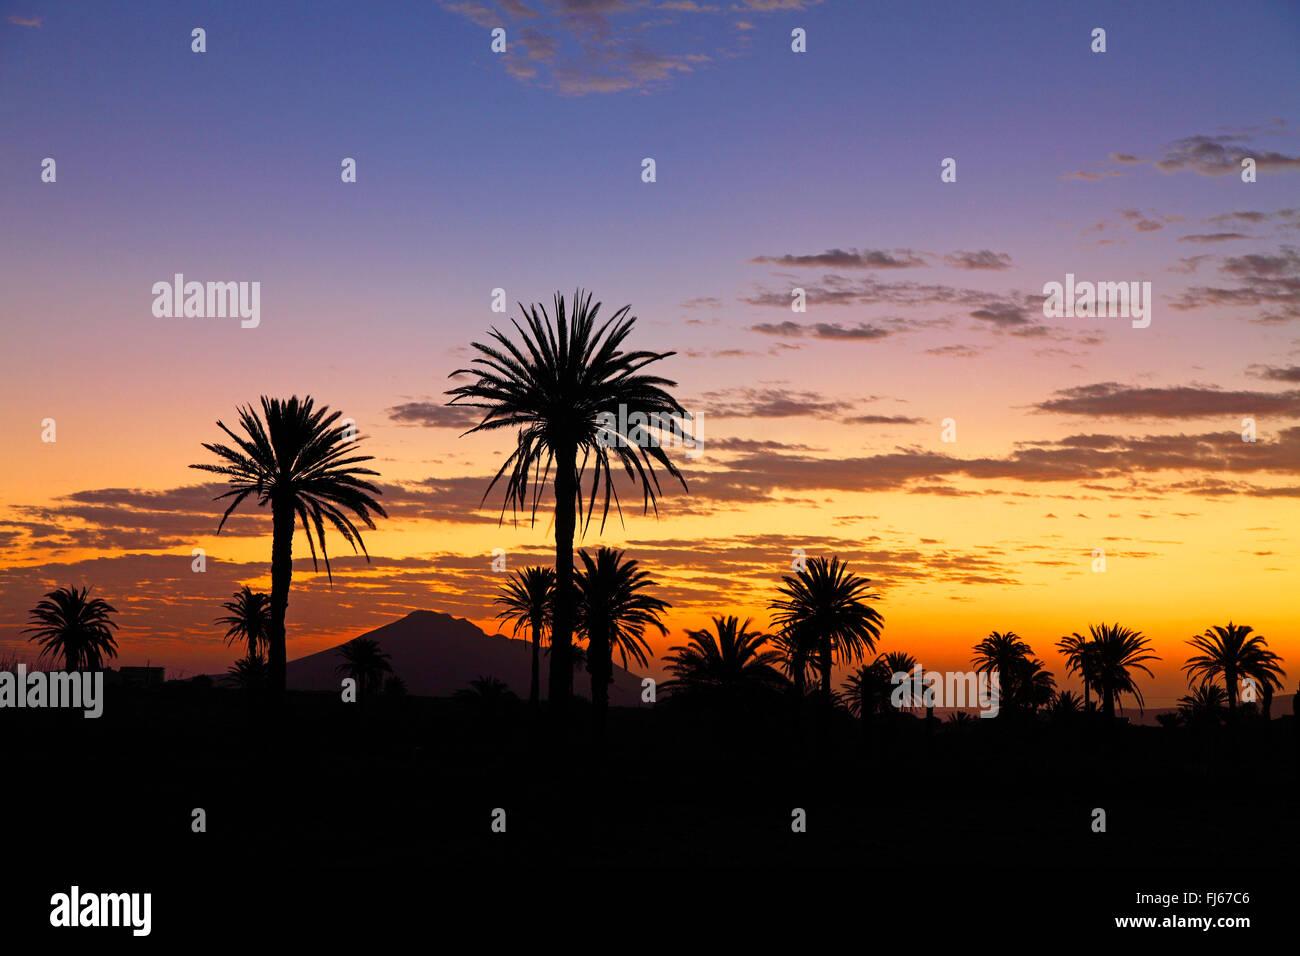 Fuerteventura dating site